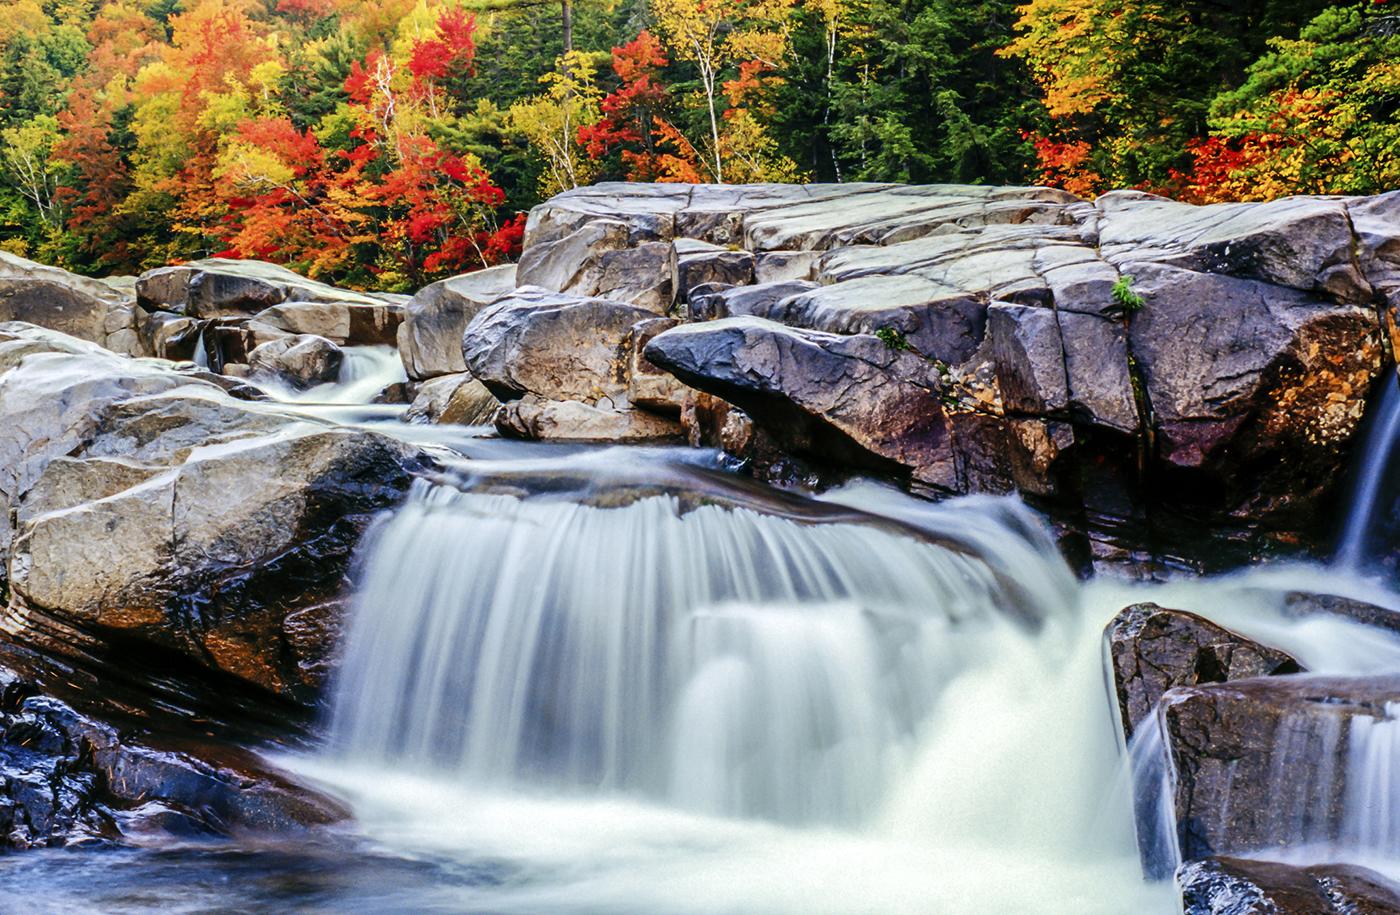 آبشاری با برگ های پاییزی در پس زمینه آن. (Thinkstock)